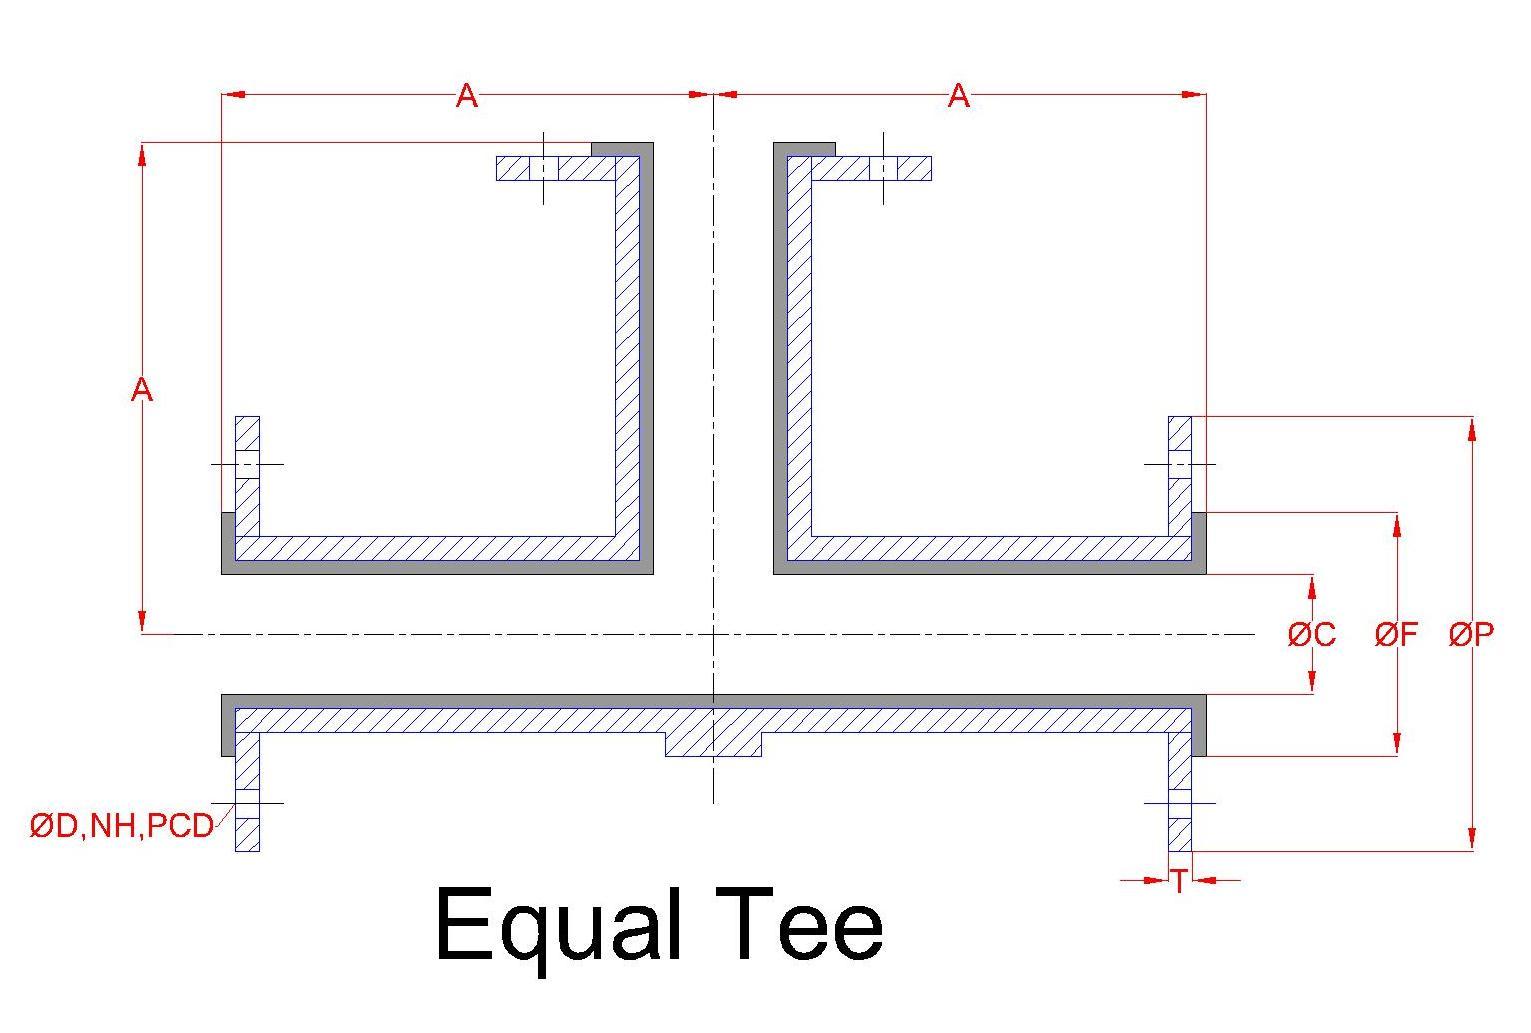 Equal Tee 2